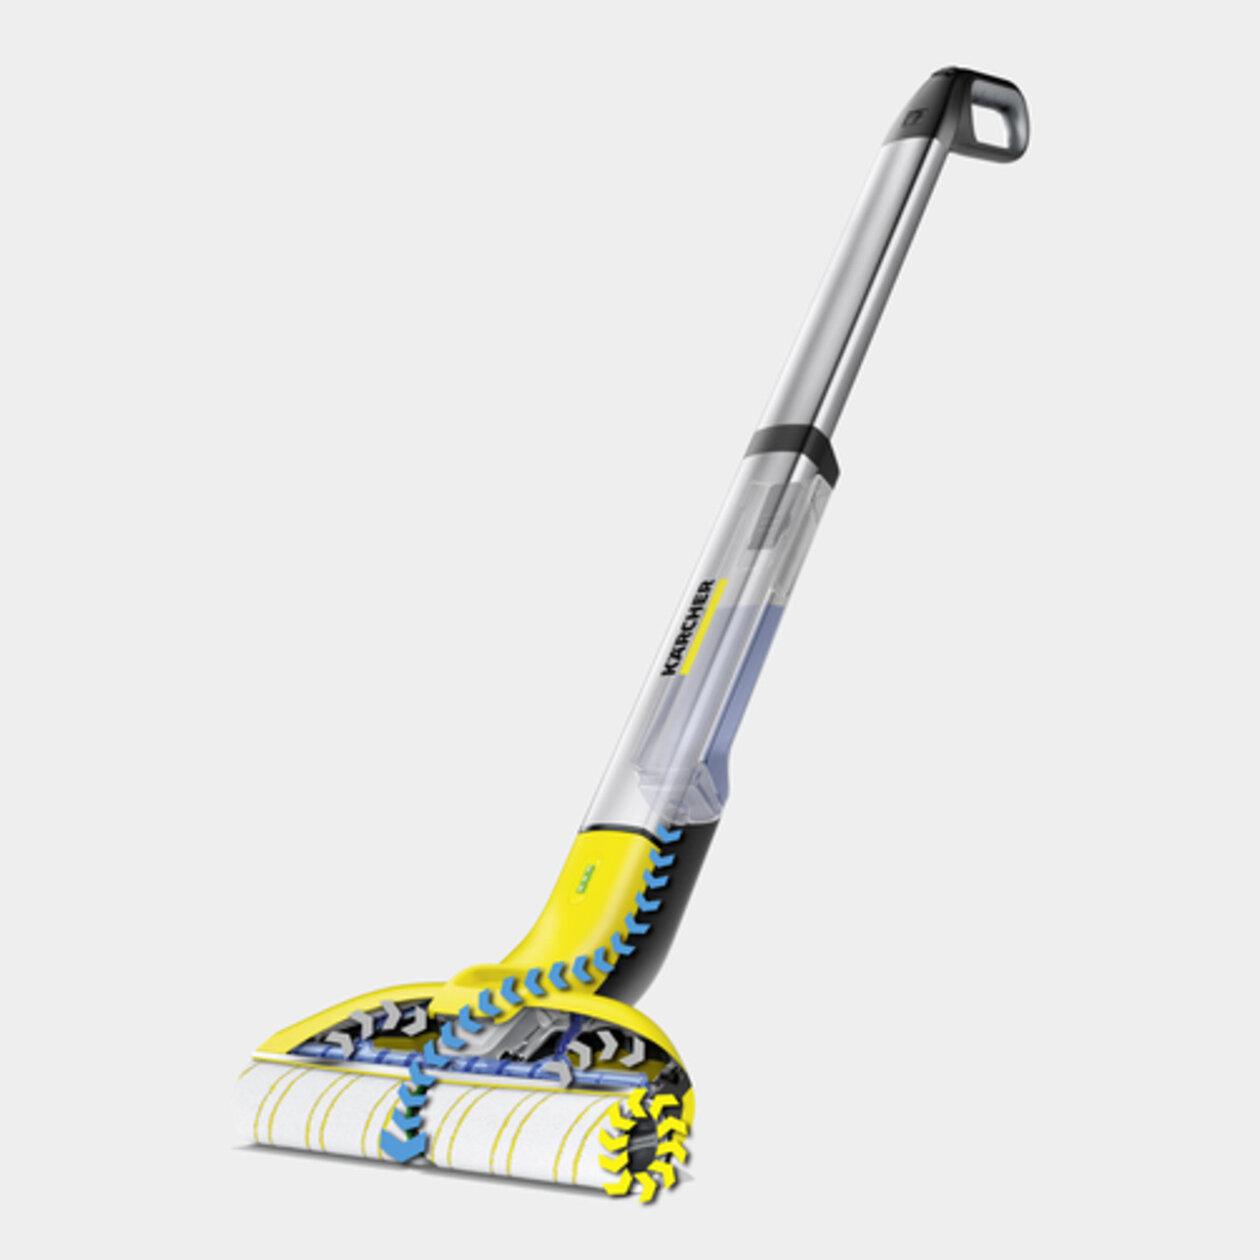 Поломойная машина для дома FC 3 Cordless: На 20 %* чище и значительно комфортнее, чем при уборке шваброй